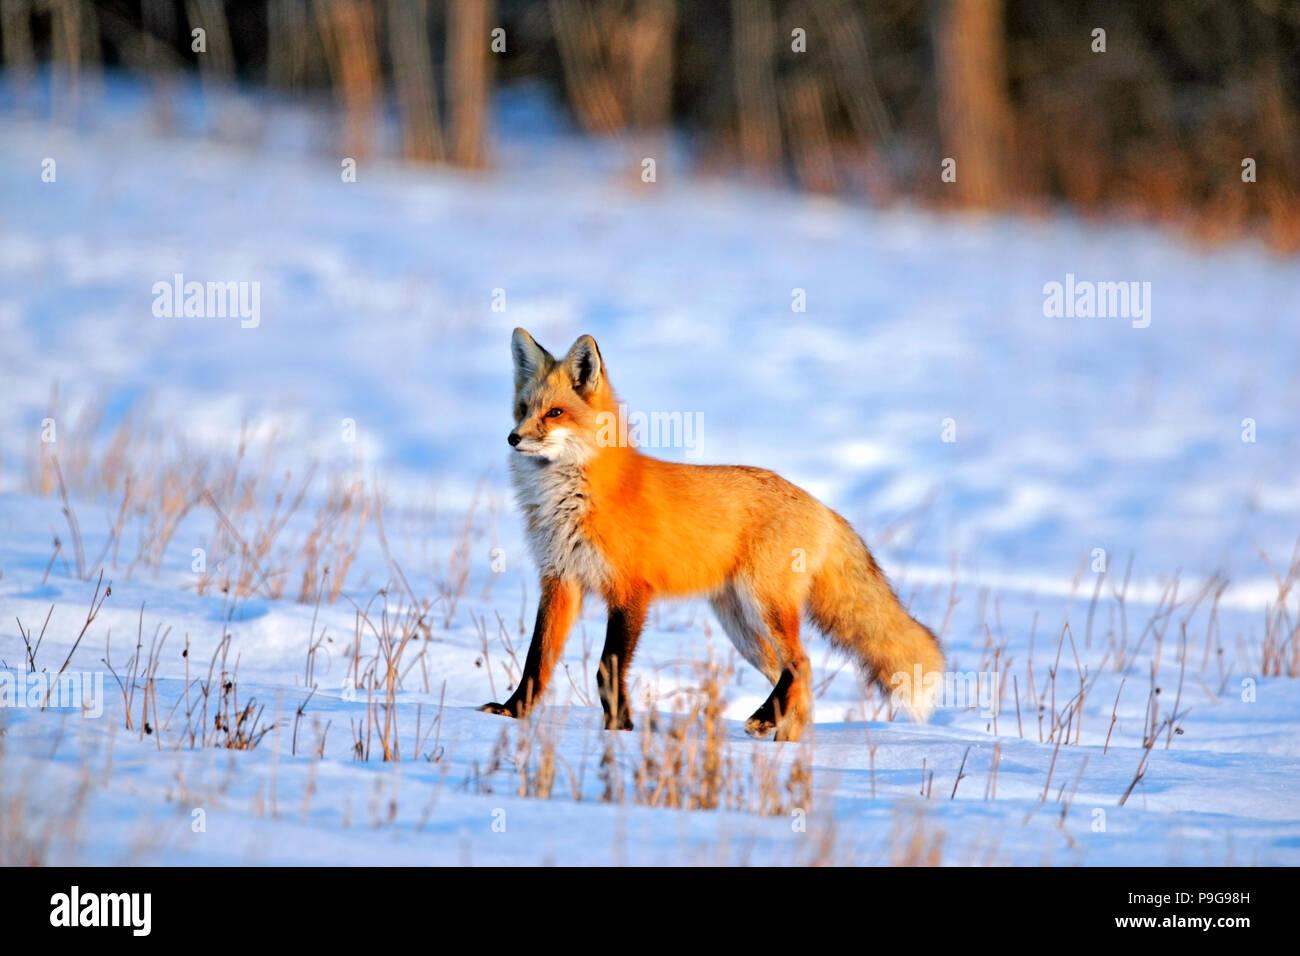 Schonen Roten Fuchs Im Winter Stehend In Die Verschneite Wiese An